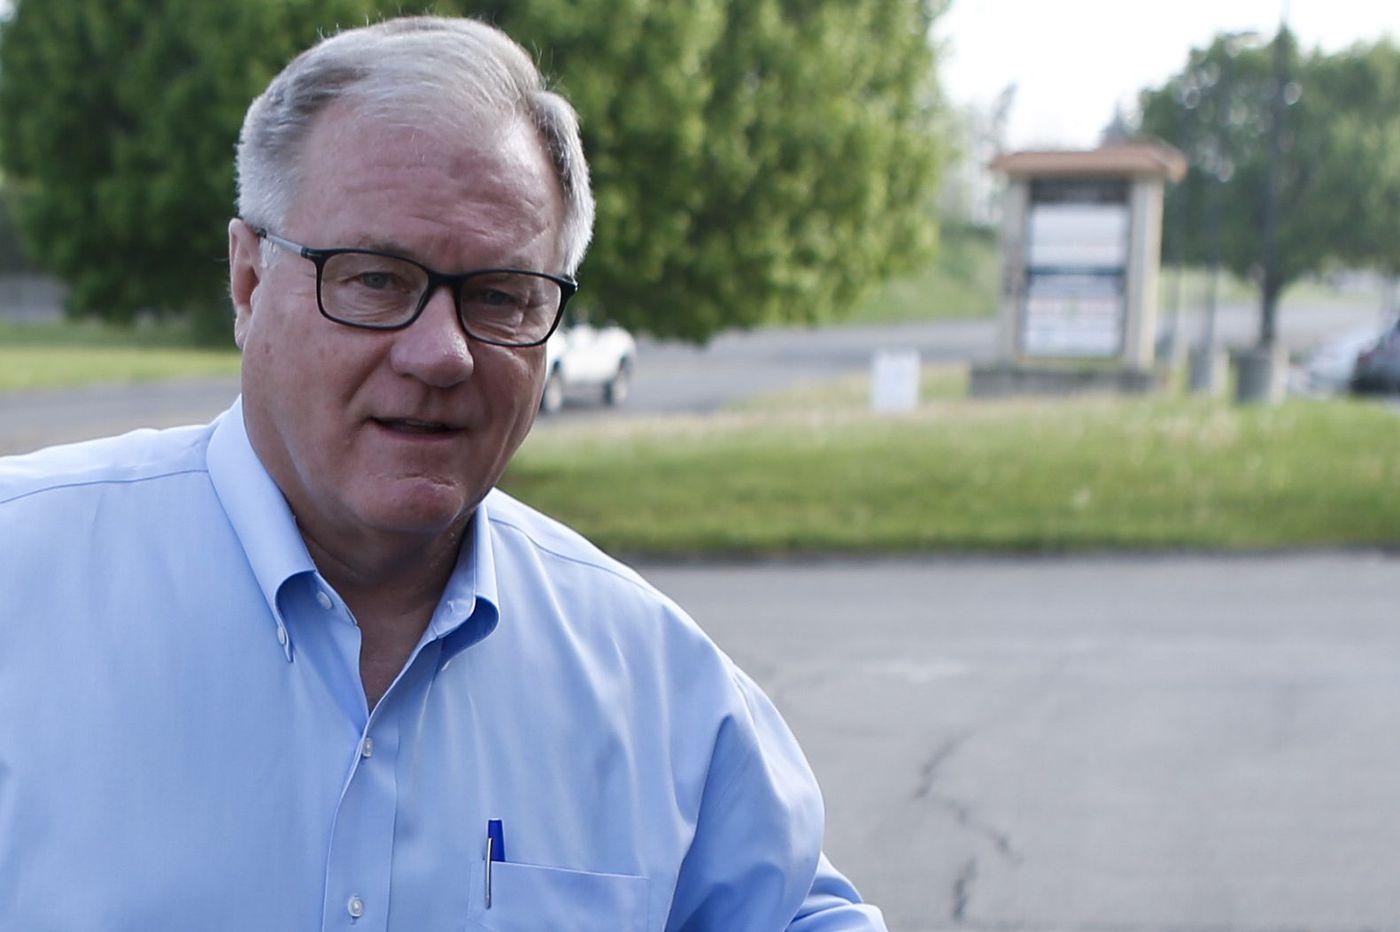 Gov. Wolf's plan to drive Scott Wagner wild | John Baer